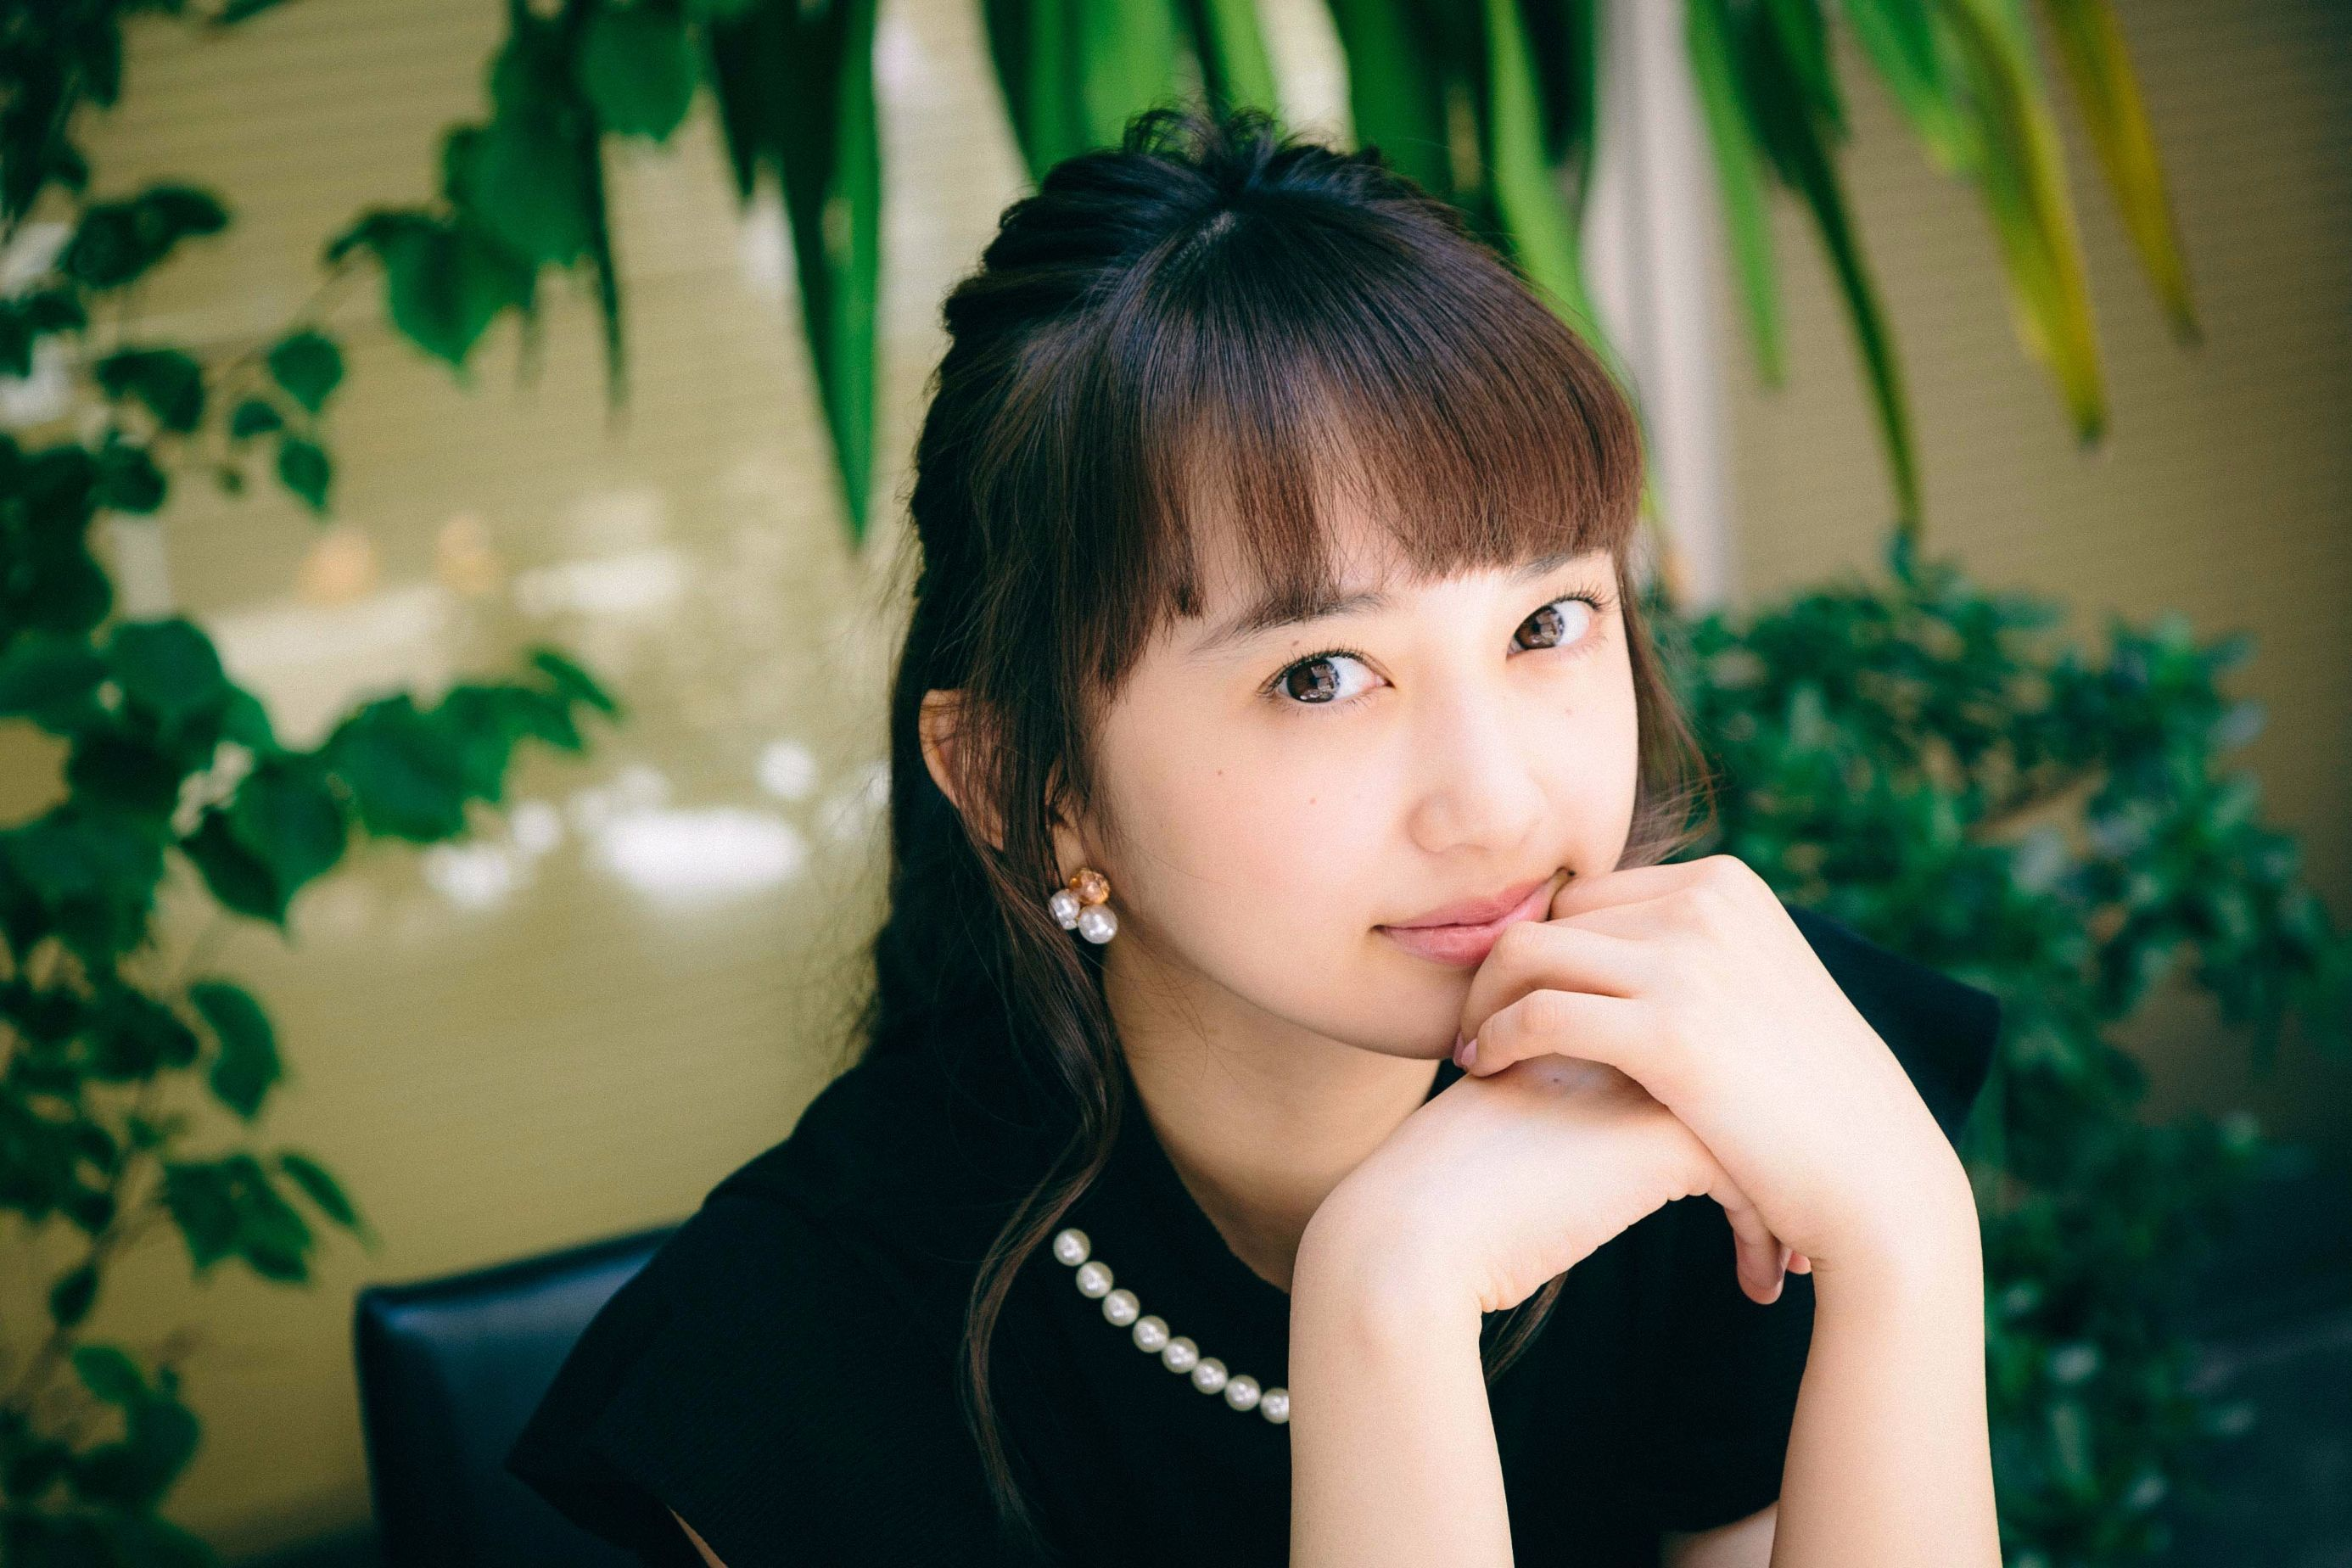 黒澤ダイヤ役を演じる小宮有紗さんの熱愛相手ってどんな人?のサムネイル画像